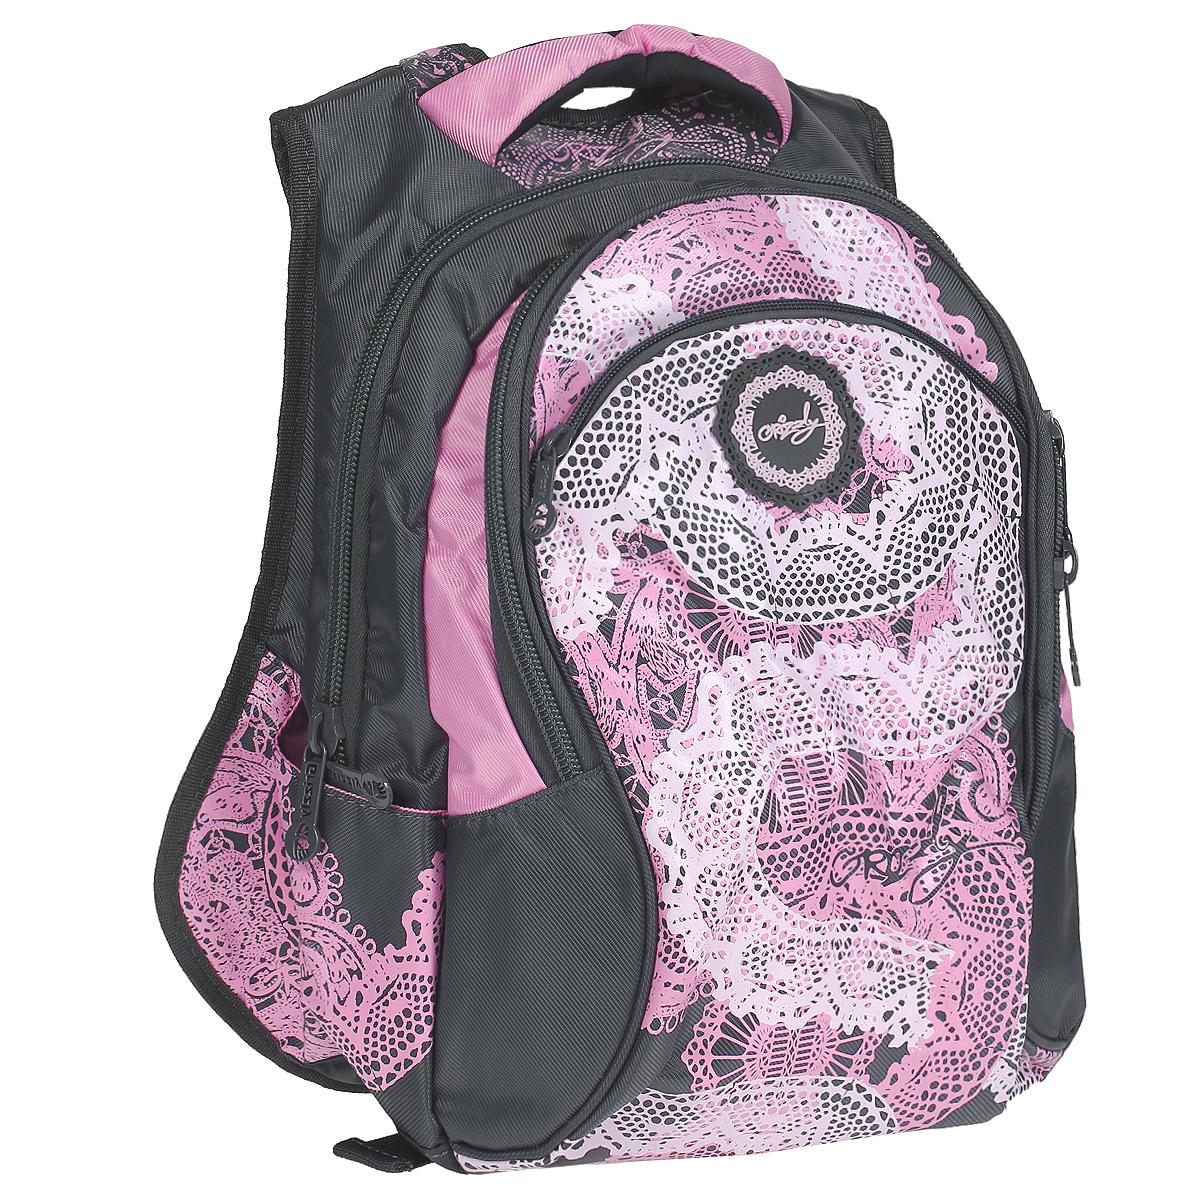 Рюкзак городской Grizzly, цвет: серый, розовый. RD-216-1RU-715-2/2Стильный рюкзак Grizzly выполнен из полиэстера серого цвета с розовыми вставками и оформлен оригинальным изображением. Рюкзак оснащен одним основным отделением, закрывающимся на застежку-молнию.На внешней стороне рюкзака расположен вместительный накладной карман на застежке-молнии. Внутри расположен два кармашка для мелочей и телефона и три кармашка для пишущих принадлежностей. Также на внешней стороне расположен еще один маленький кармашек на молнии. По бокам сумки расположены два маленьких открытых кармашка. Рюкзак оснащен мягкими плечевыми лямками, мягкой спинкой с сетчатой поверхностью, текстильной ручкой для удобной переноски и двумя сетчатыми кармашками по бокам.Бегунки снабжены удобными держателями. Характеристики:Цвет: серый, розовый. Размер: 30 см x 12 см х 40 см. Материал:полиэстер, текстиль, металл. Производитель: Россия.